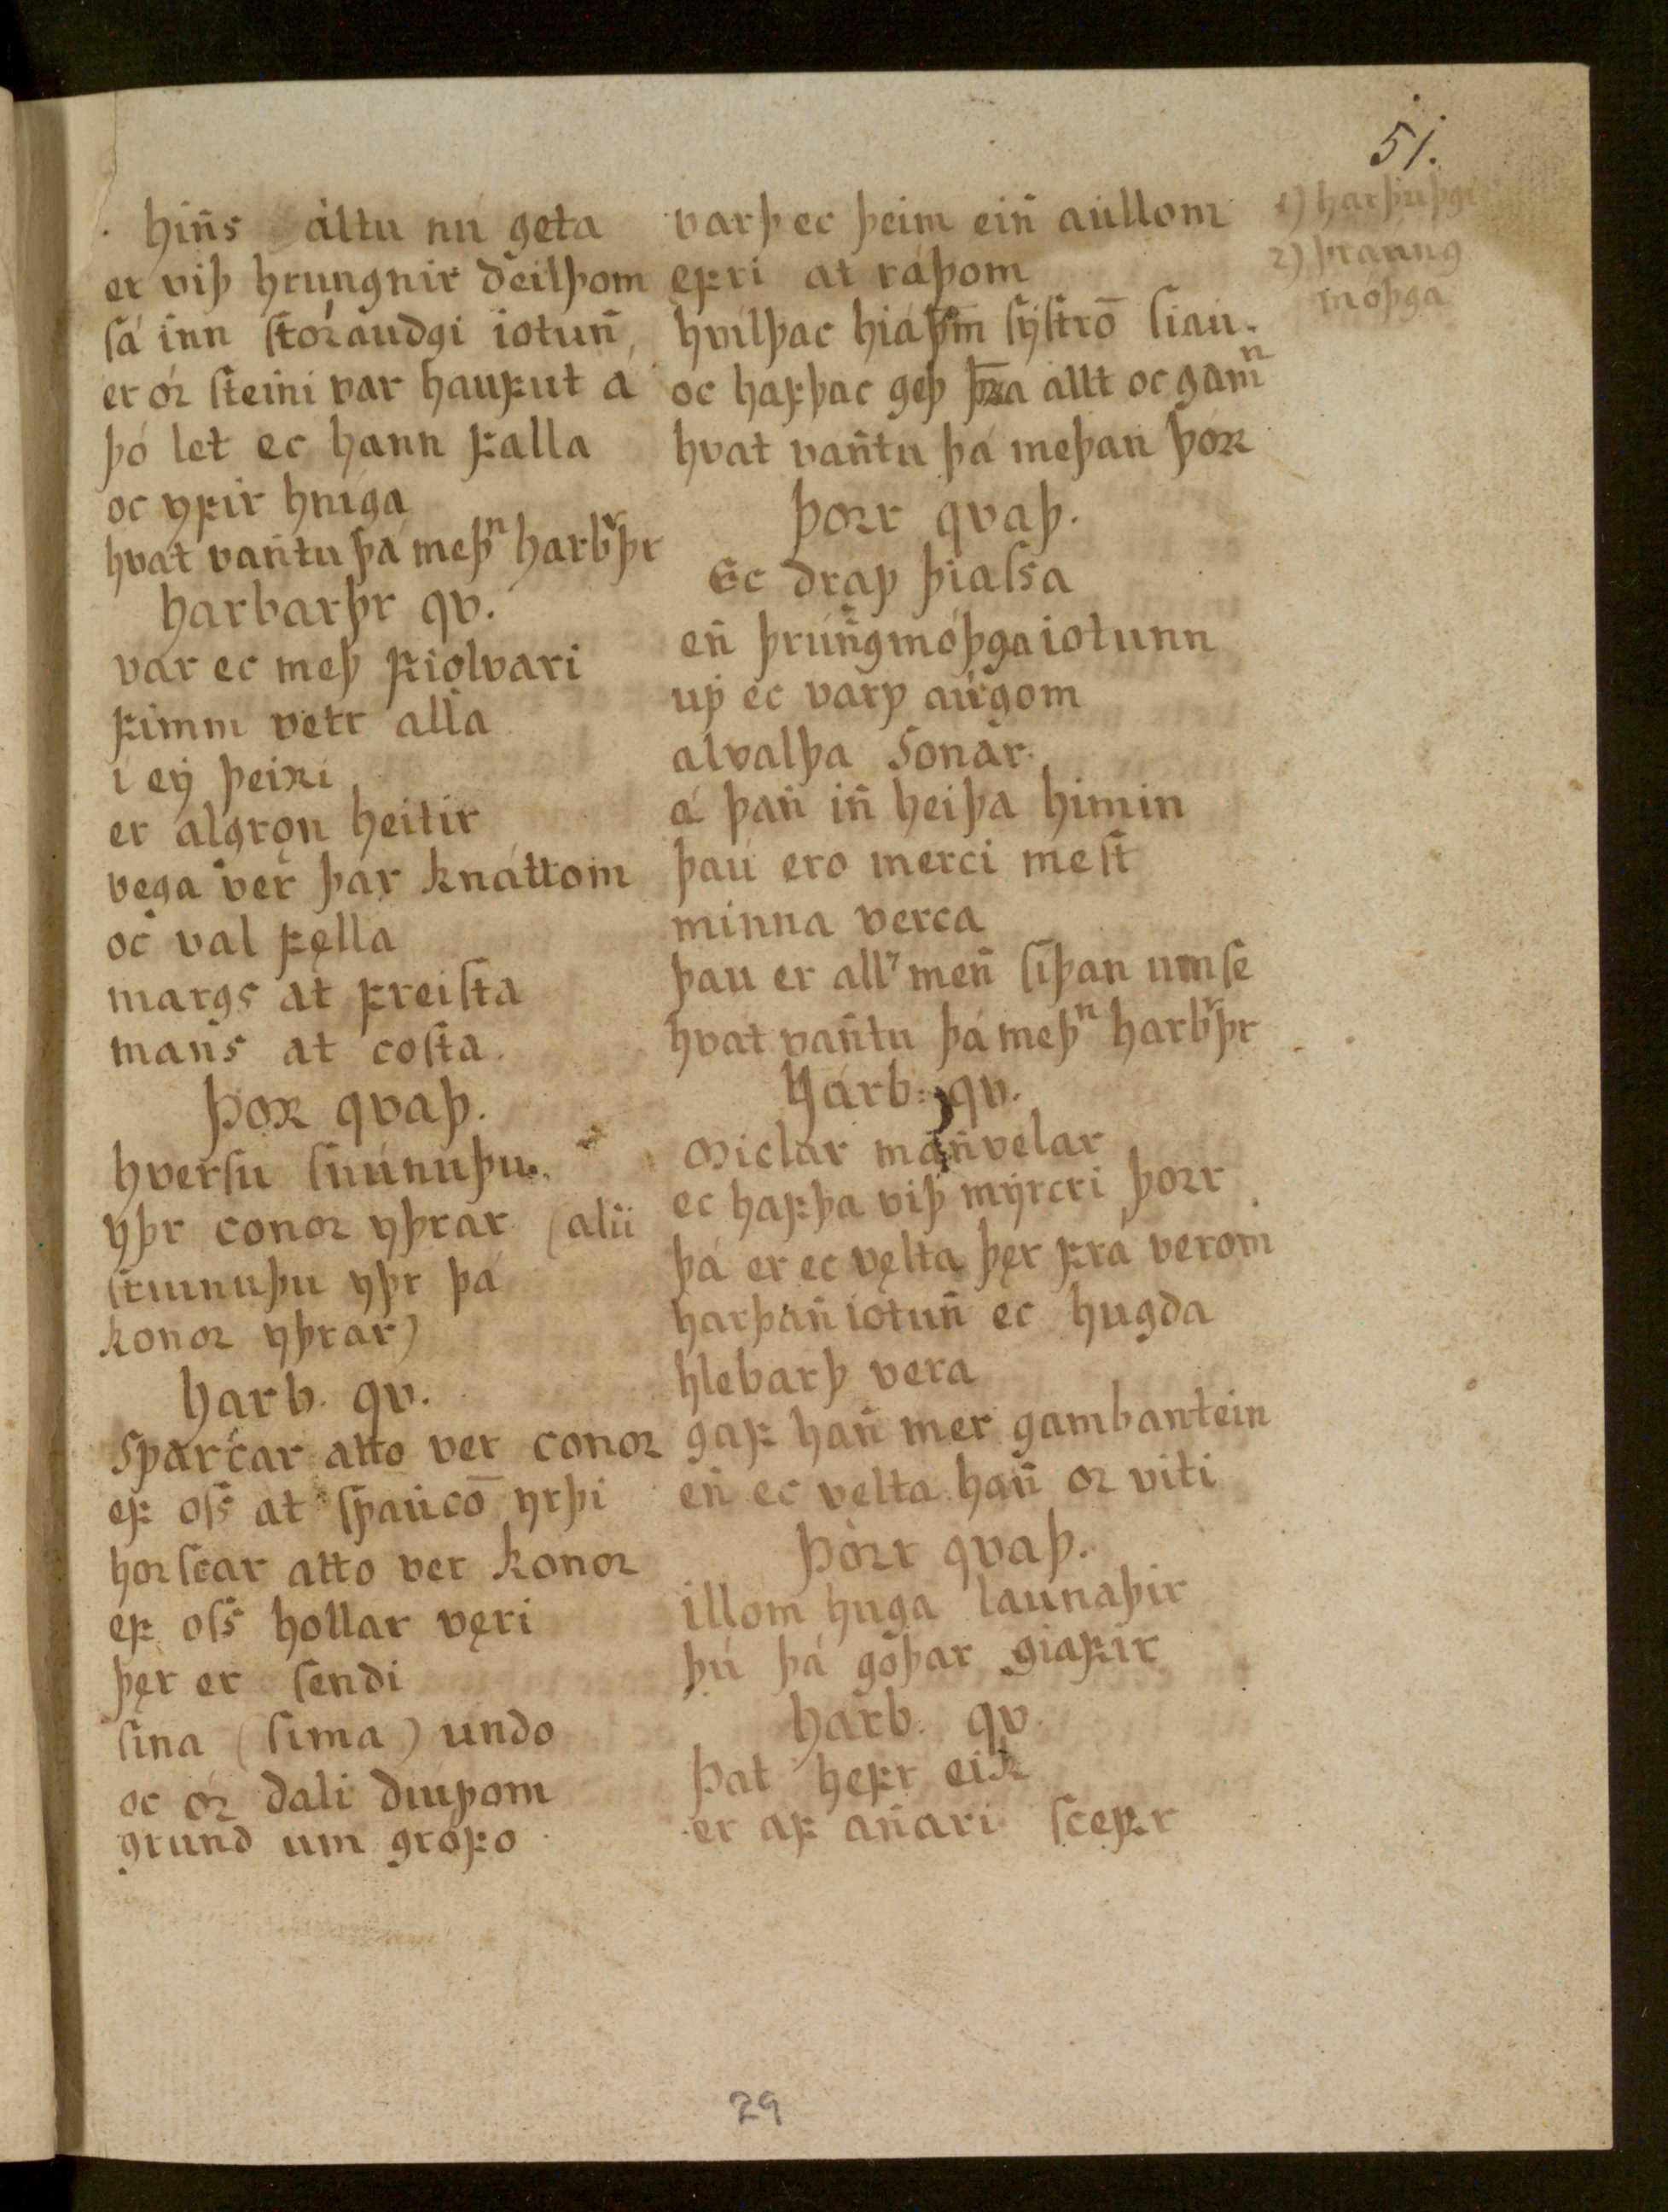 Lbs 1689 4° - 29r